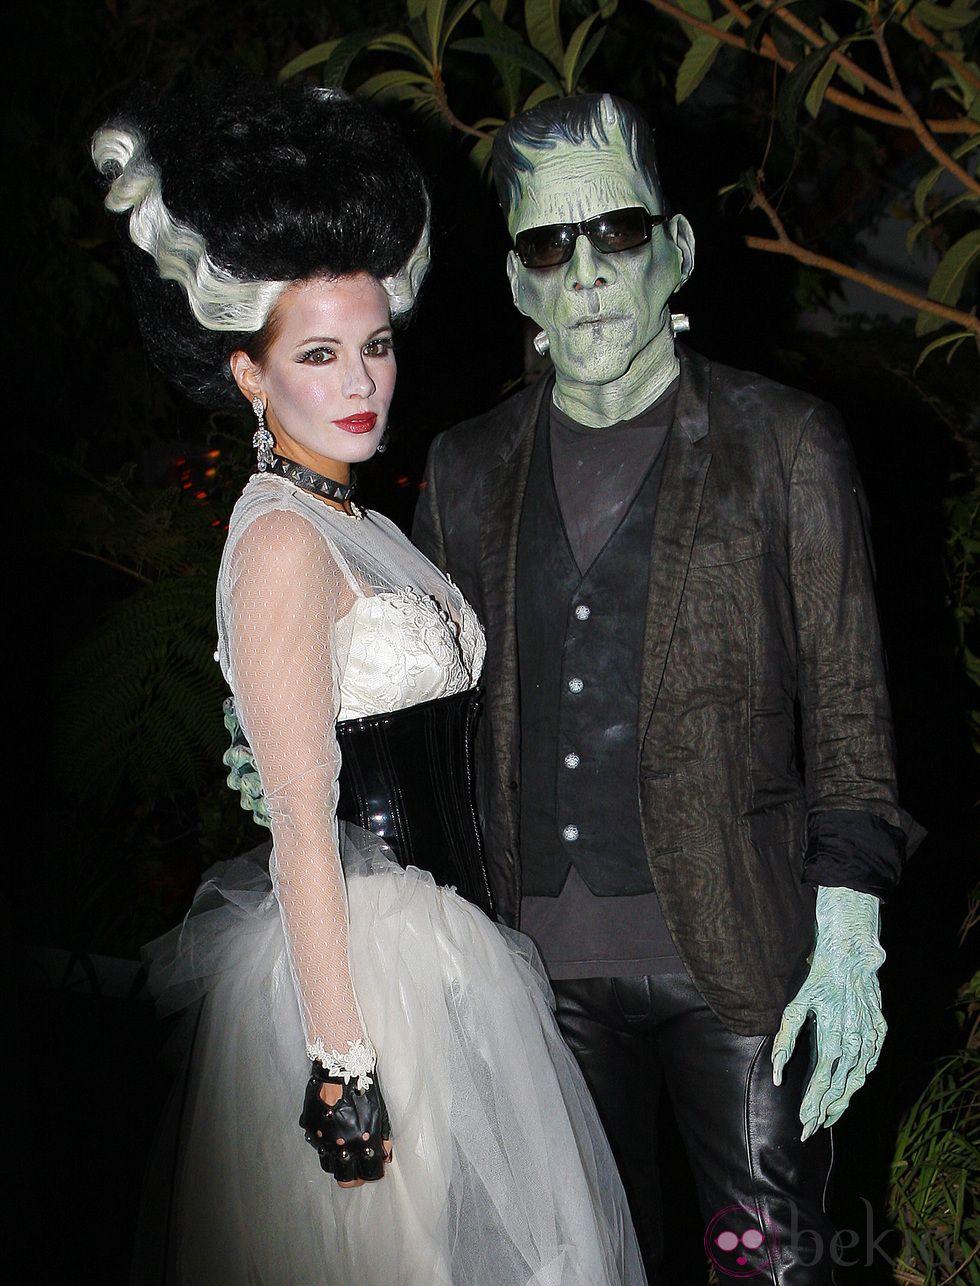 Maquillaje de la novia de frankenstein para halloween